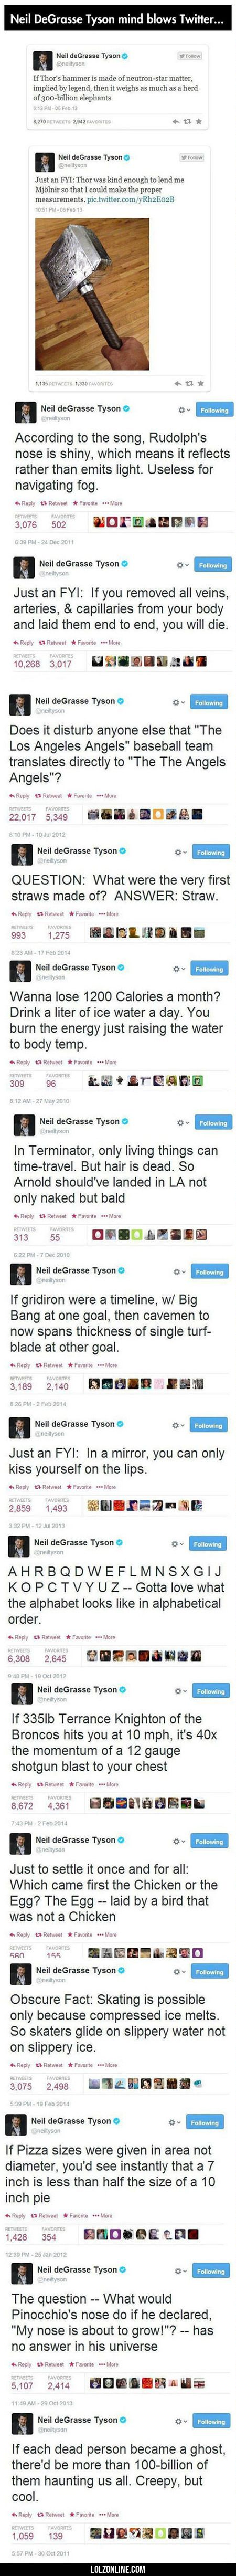 Neil Degrasse Tyson Mind Blows Twitter...#funny #lol #lolzonline